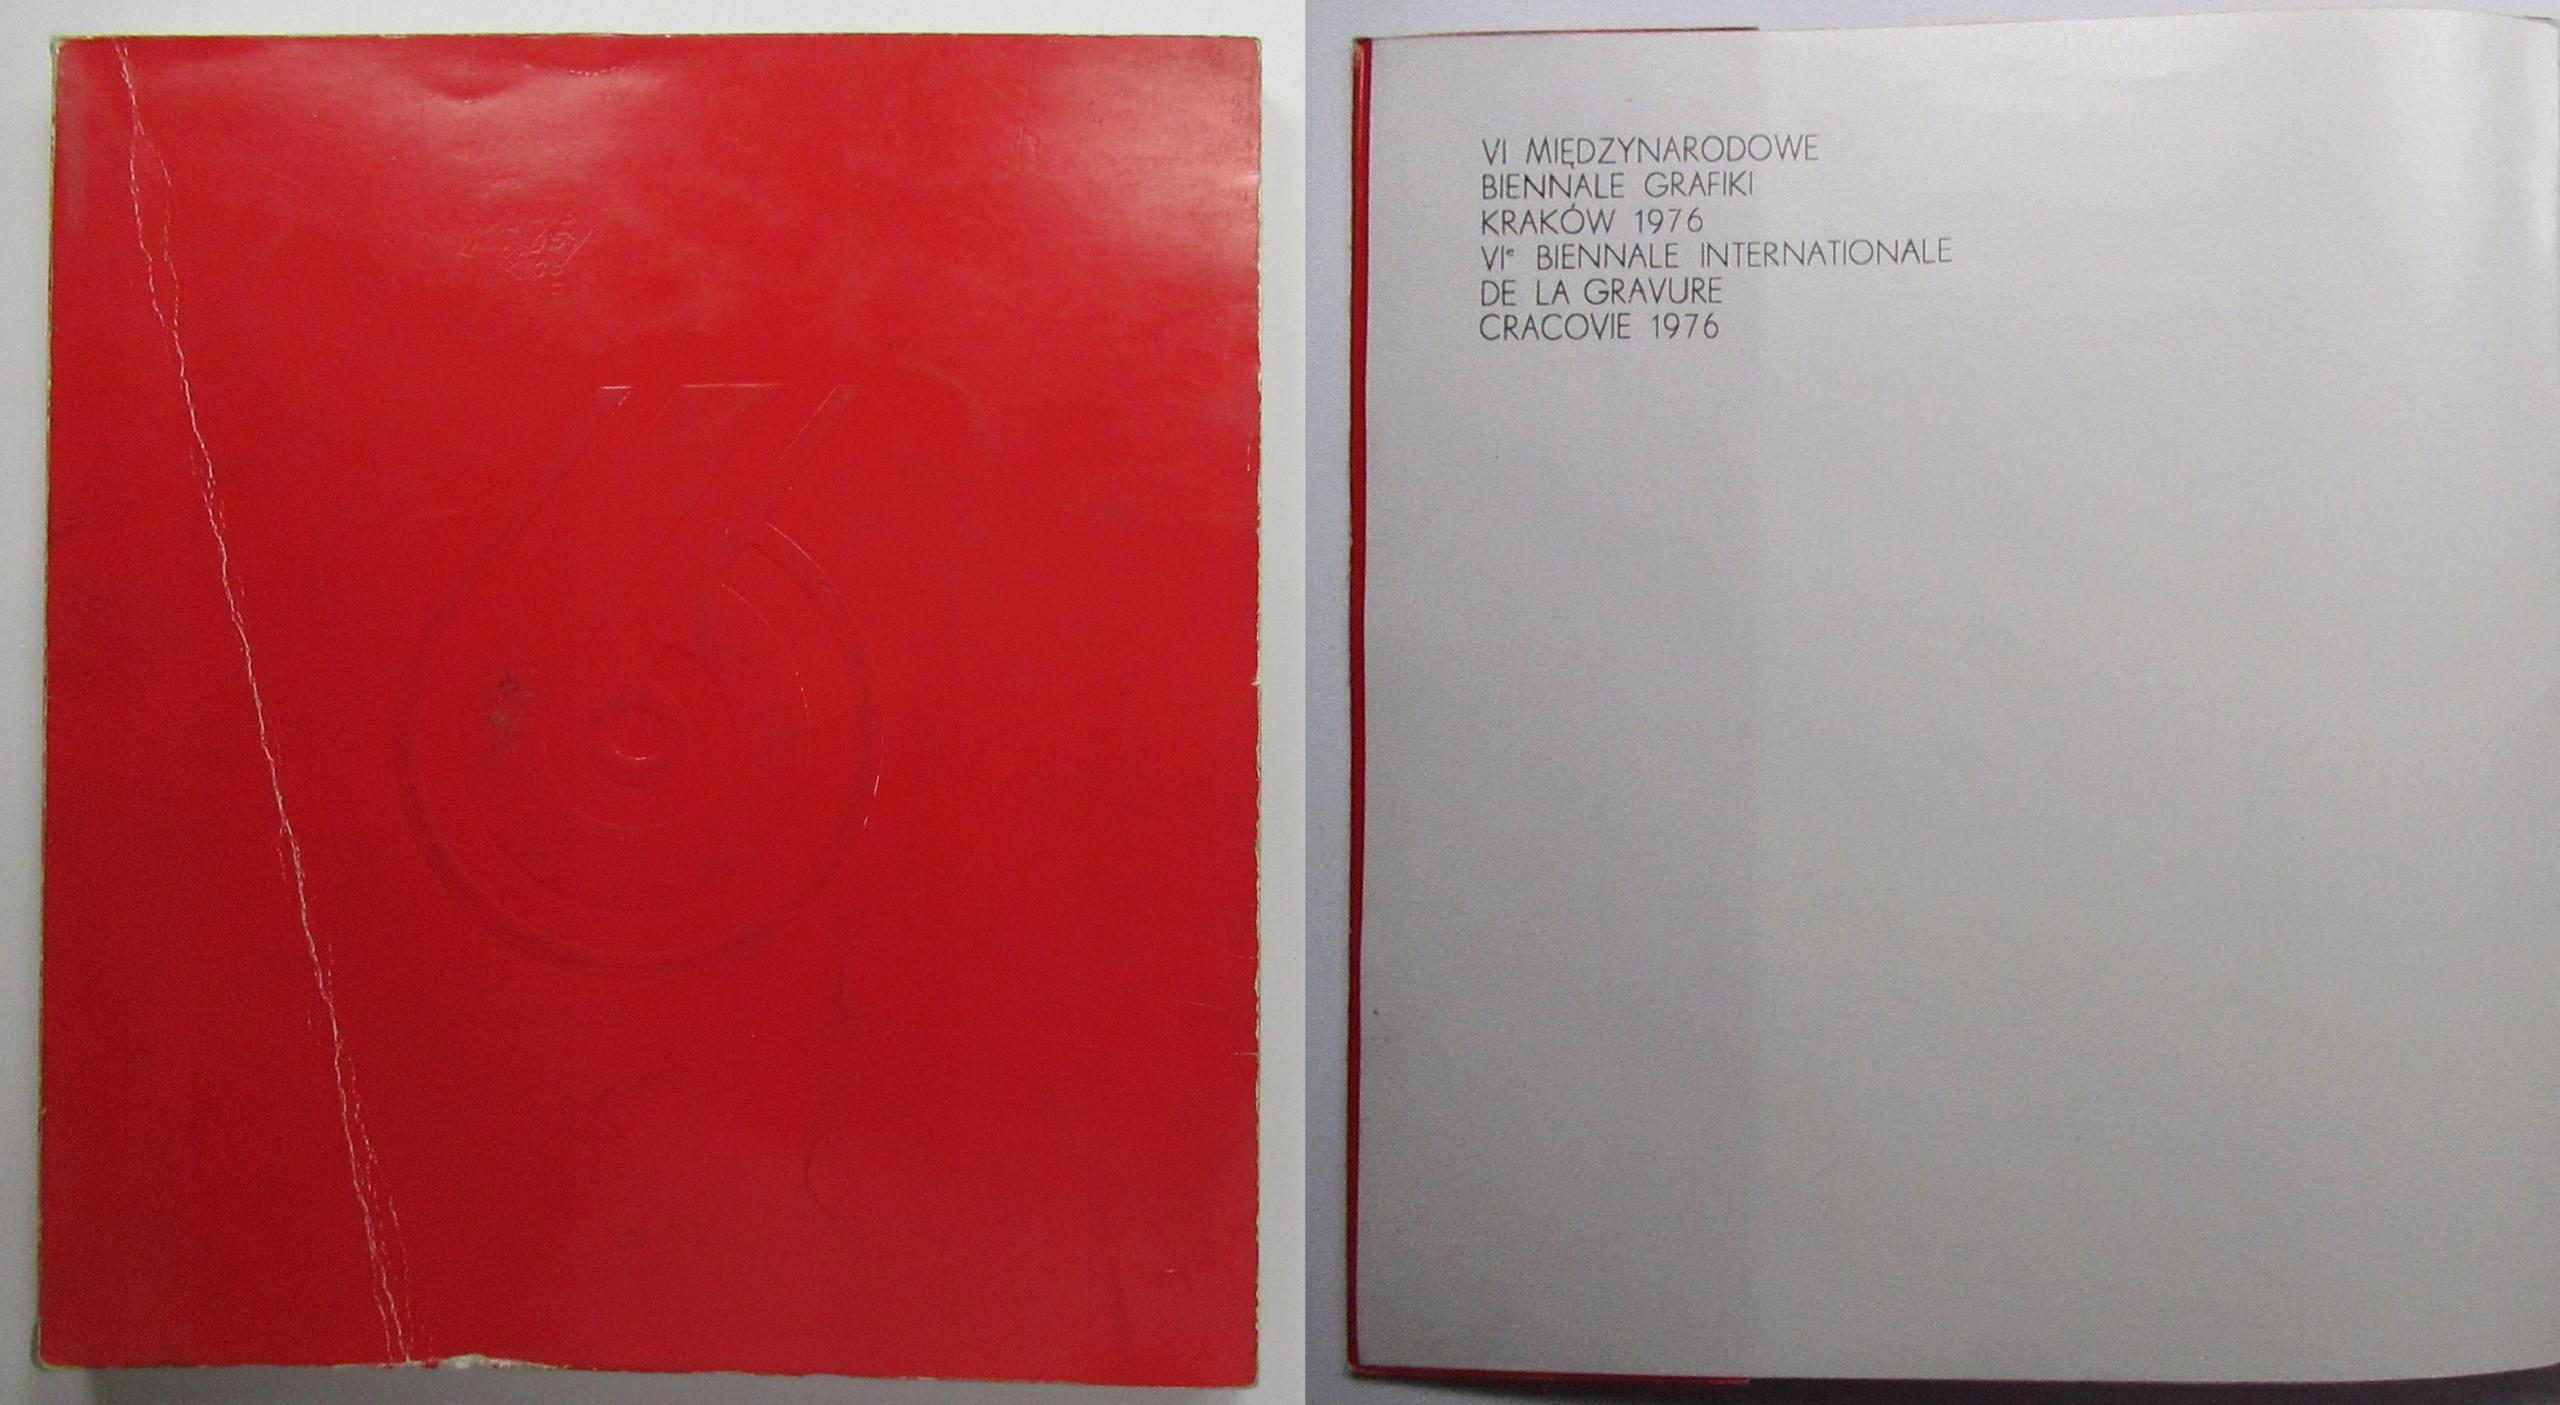 Каталог выставки 6 ГРАФИЧЕСКАЯ БИЕННАЛЕ В КРАКОВЕ 1976